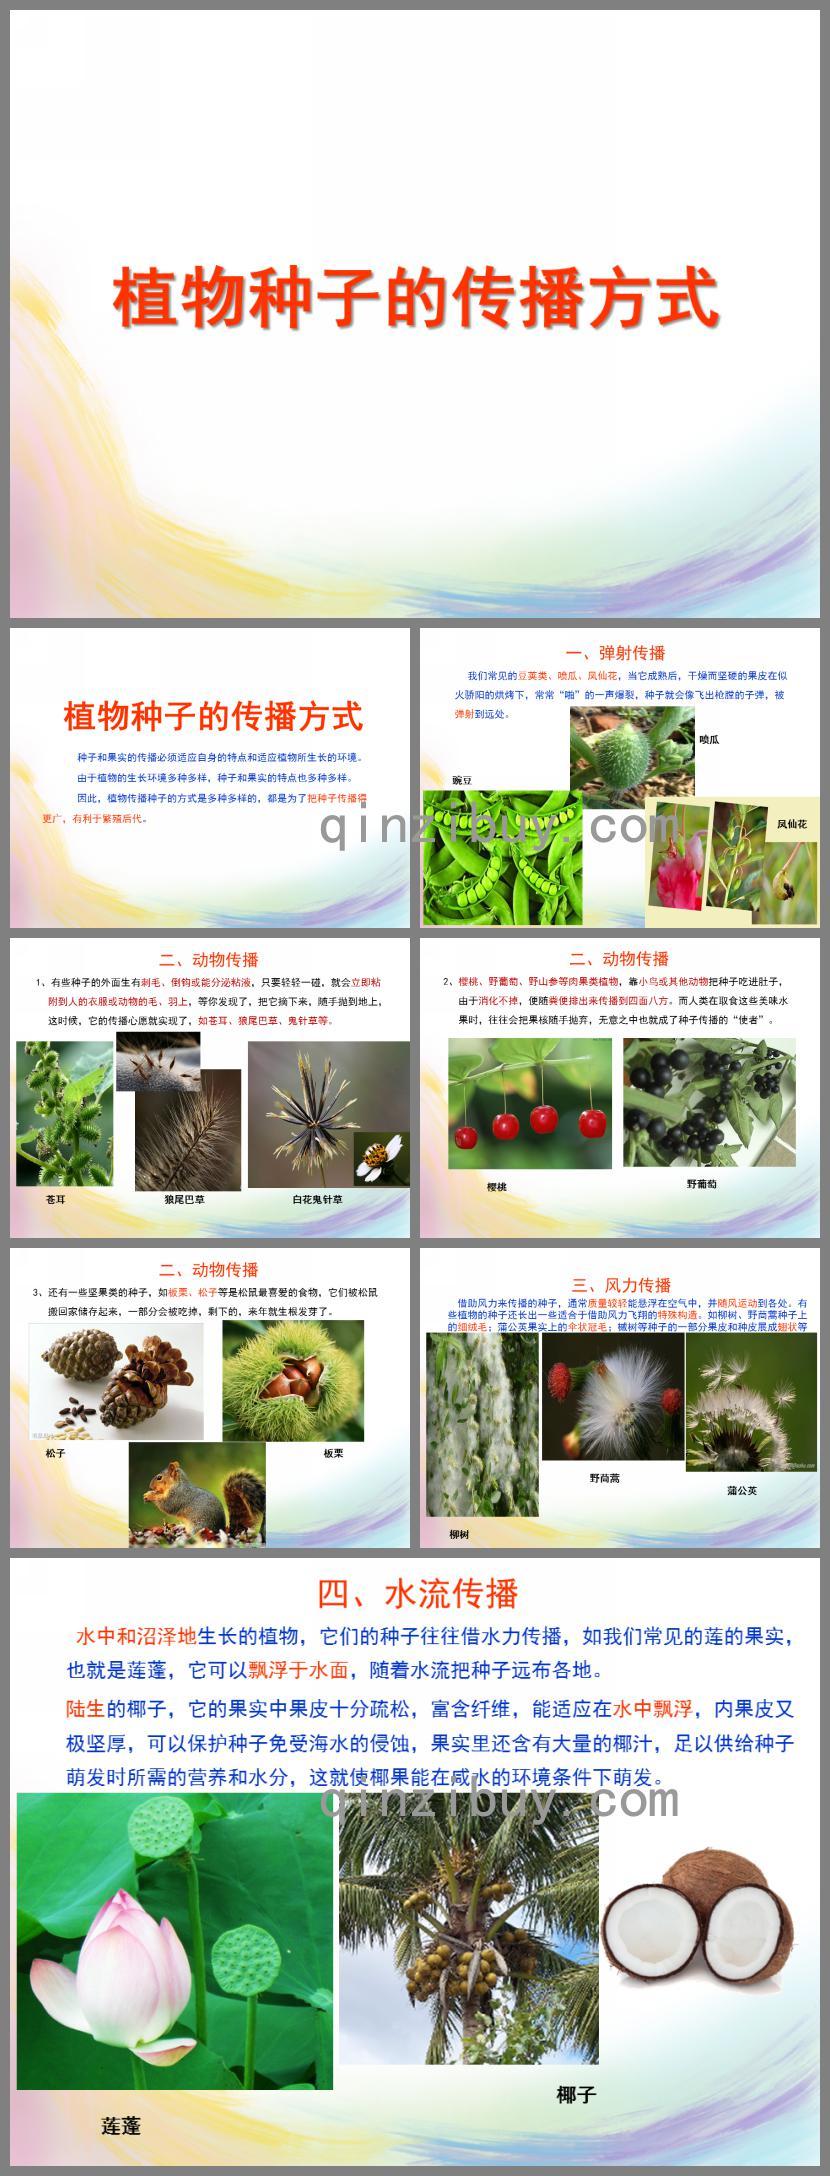 幼儿园植物种子的传播方式PPT课件